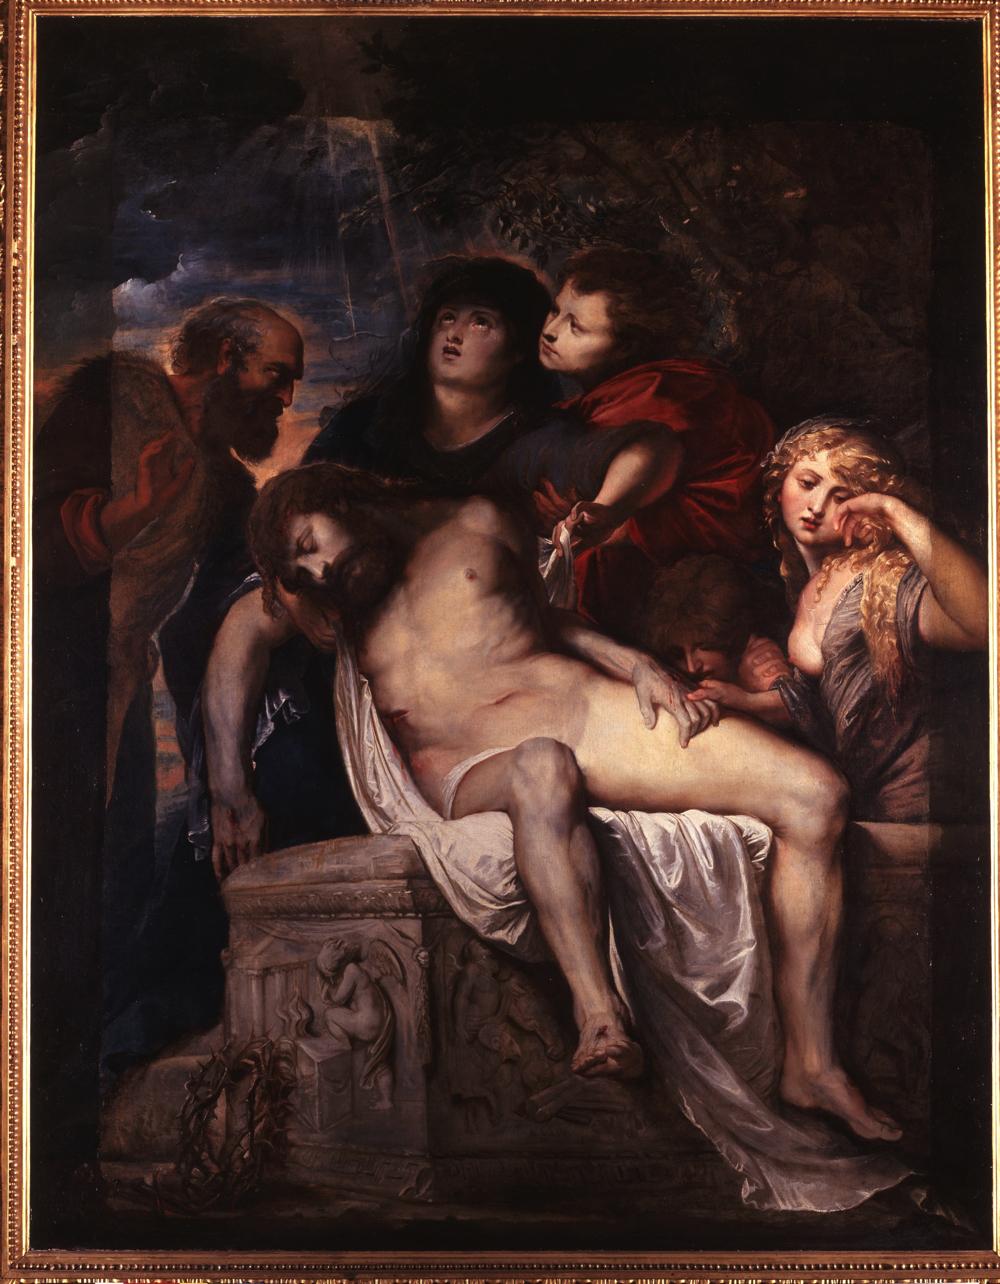 ペーテル・パウル・ルーベンス《キリスト哀悼》 ローマ、ボルゲーゼ美術館